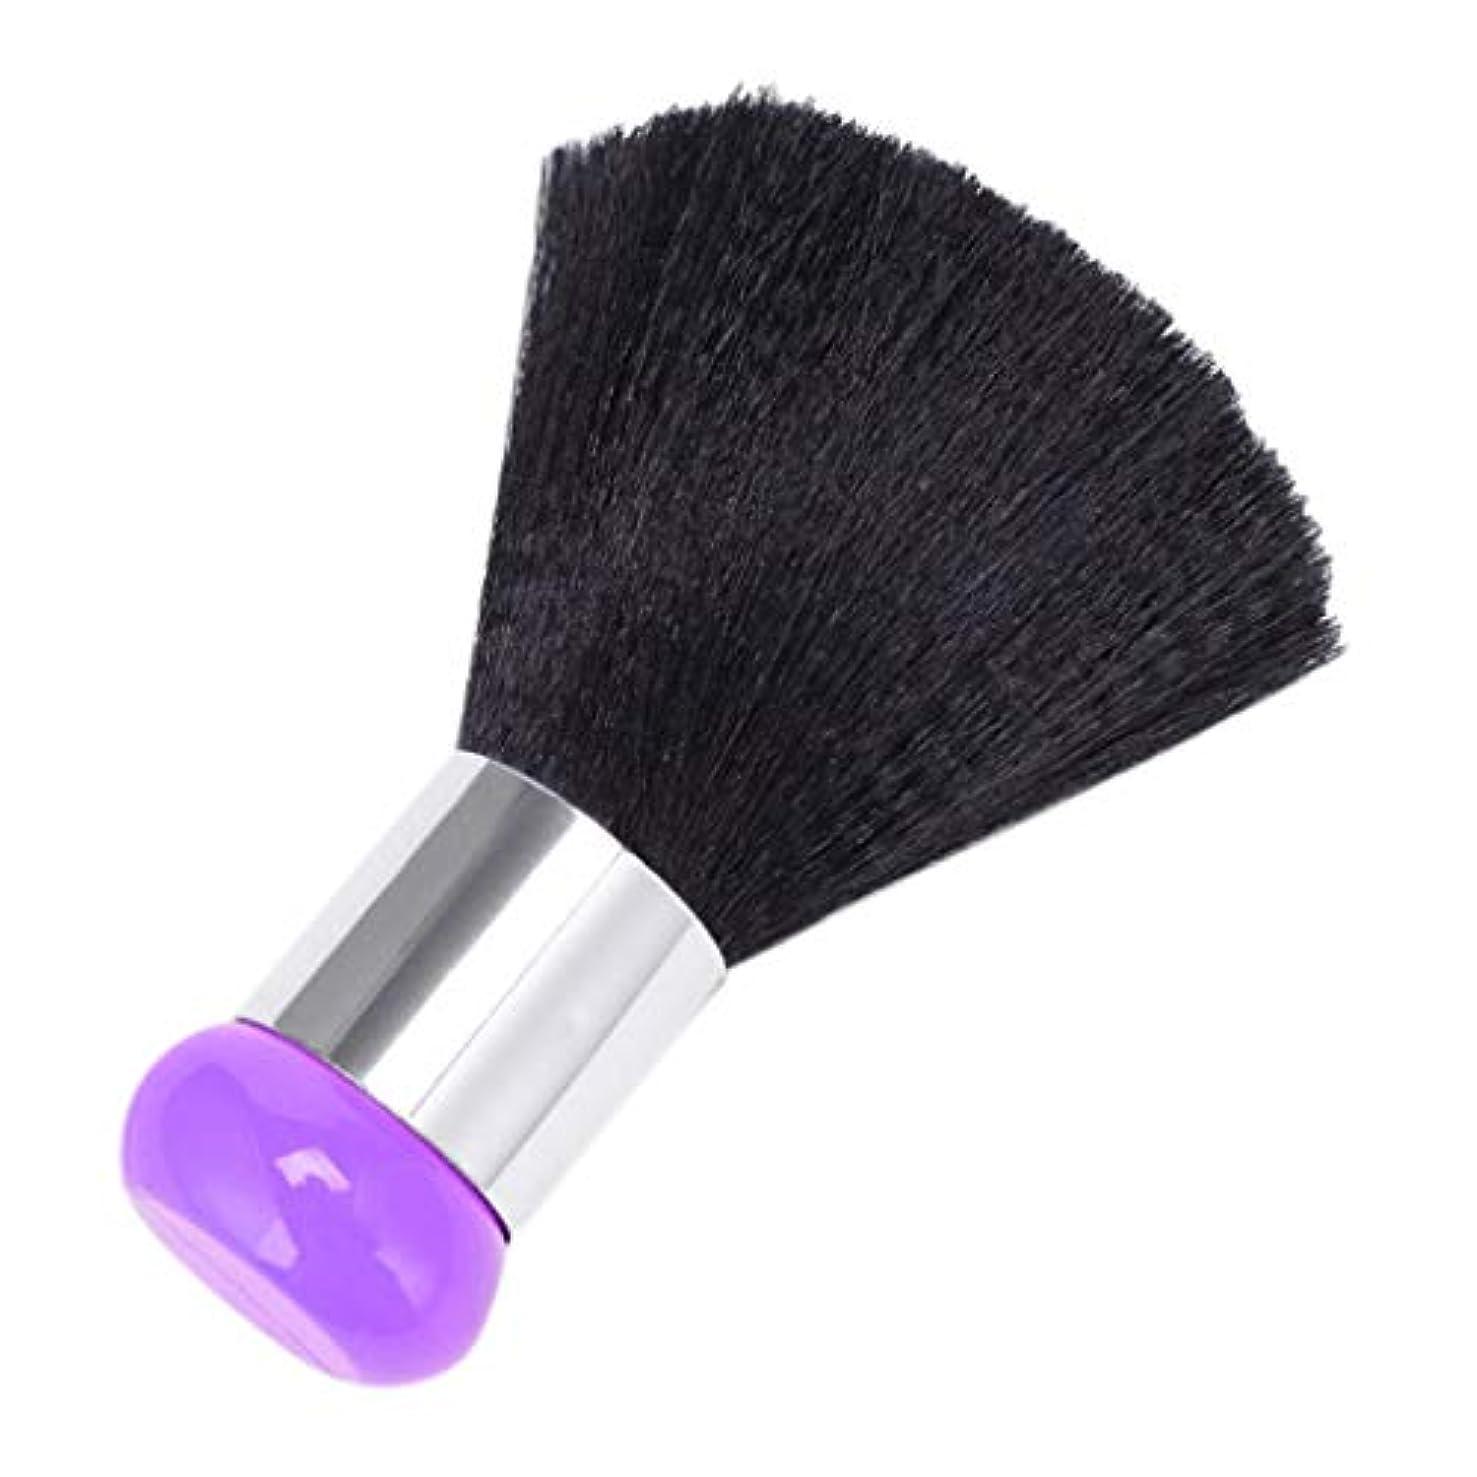 侵略耐久うぬぼれたヘアカット ネックダスタークリーナー ヘアブラシ サロンツール 2色選べ - 紫